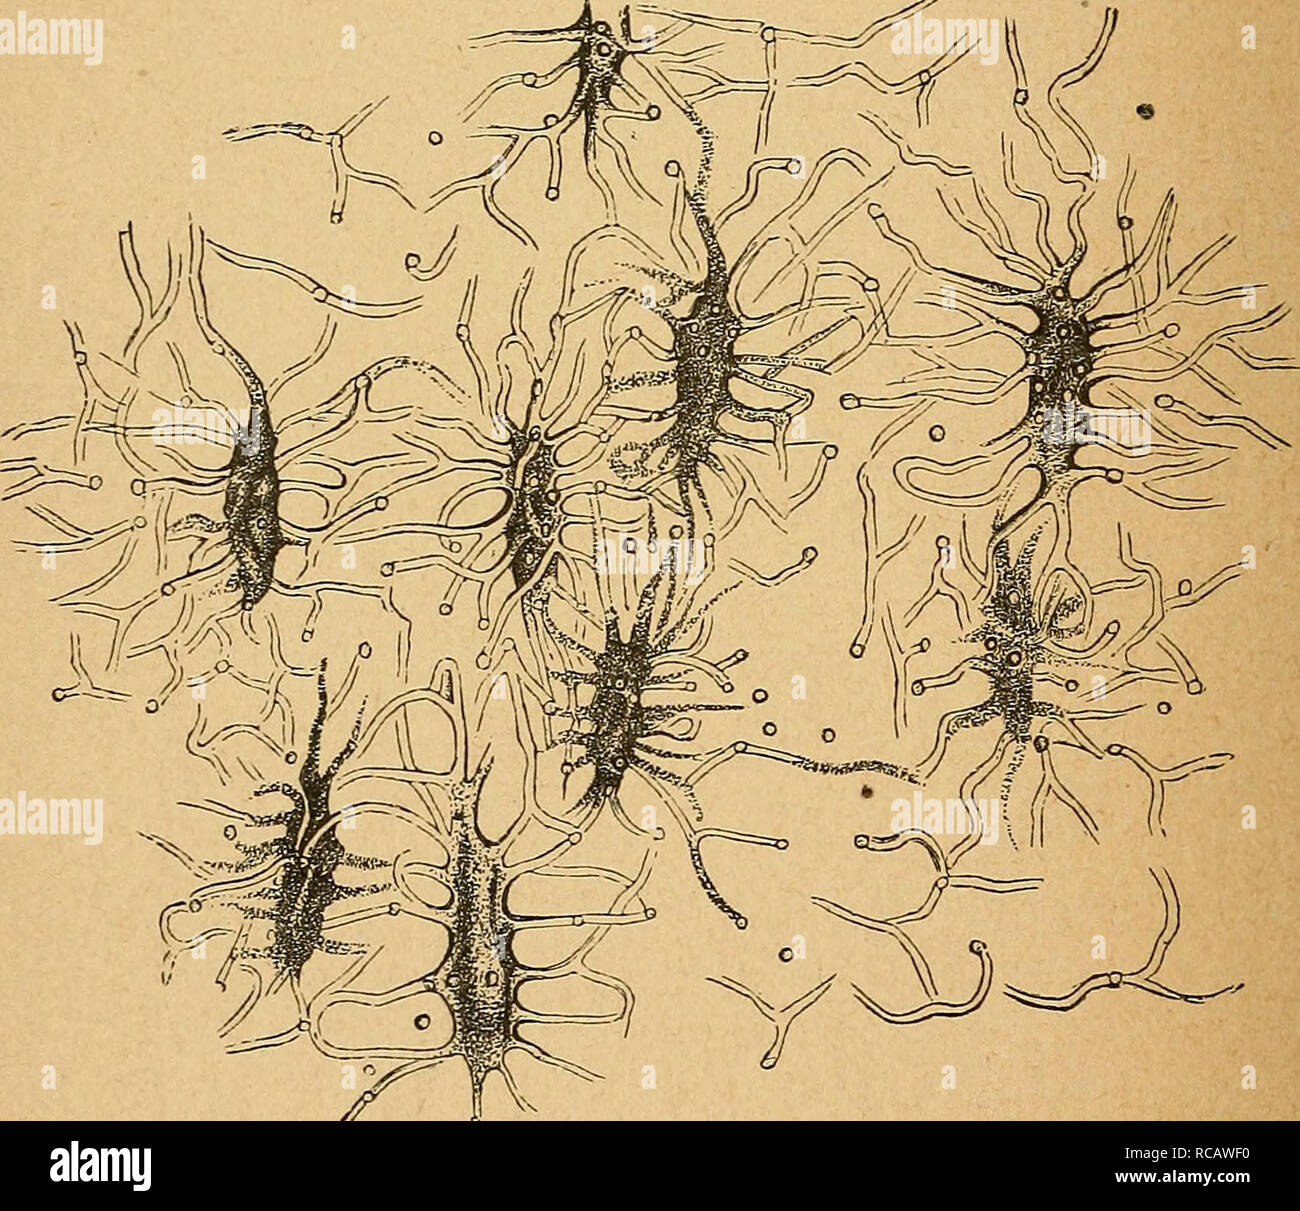 """. Eléments d'anatomie et de physiologie et obstétricale précédes génitale; de la descripción sommaire du corps humain"""" a l'usage des sages-femmes. Reproducción; feto. Fi£Ç.. Fig. 5. - Corpuscules osseux. Dans la figura 4 en voit les ostéoplastes au milieu de la sustancia osseuse avec leurs ramificaciones représentées par les petits rasgos noirs qui ne rayonnent. Les lignes longitudinales indiquent les laminillas sueltas du tissu osseux. Dans la figura 5, les corpuscules osseux ont été isolés, voit très nettement et de leur disposición avec les canaux qui ne partent et les unissent entre eux. d'une infini Foto de stock"""